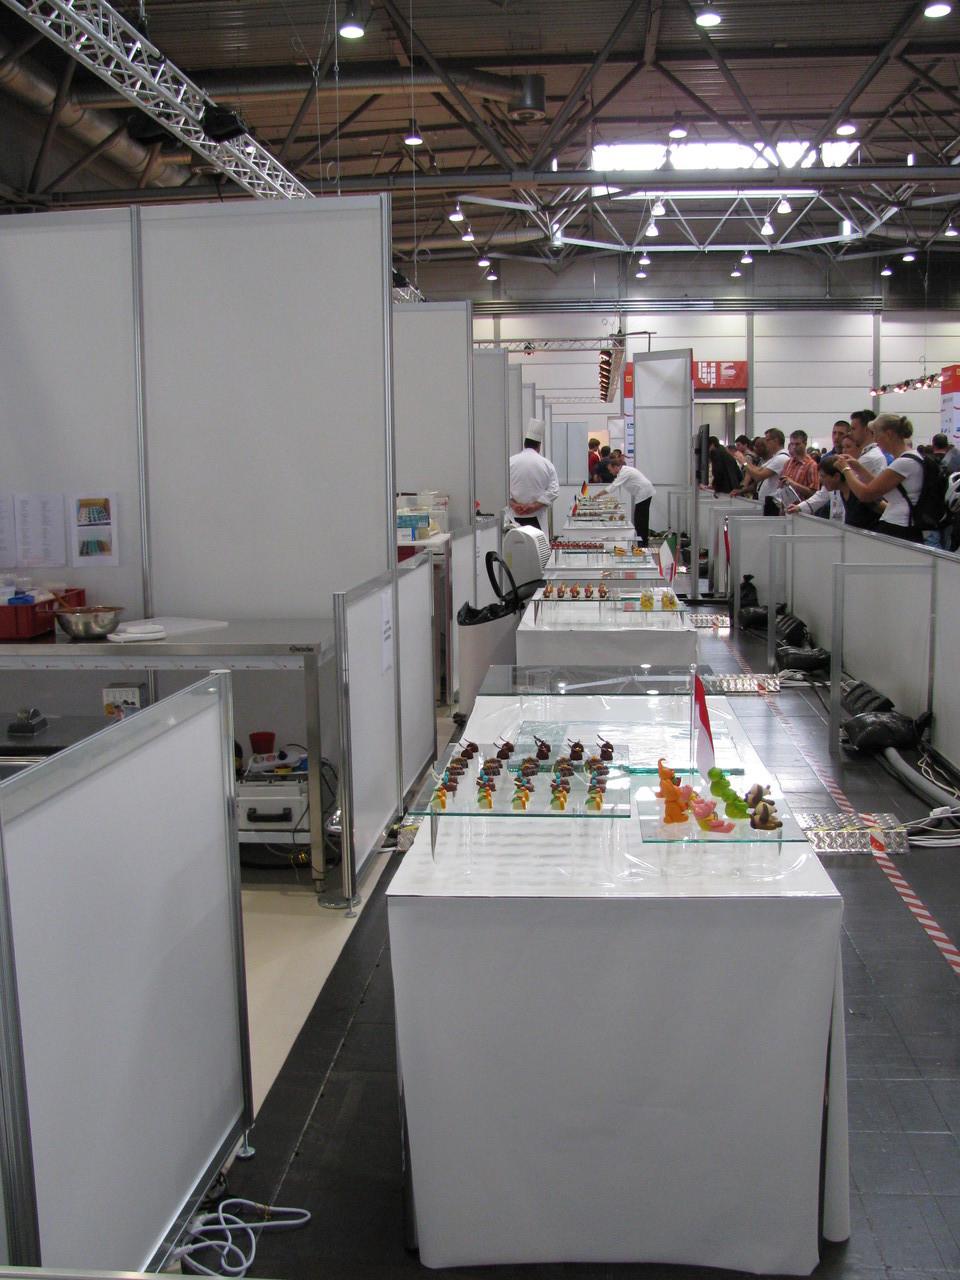 Während den WorldSkills Leipzig 2013 werden übrigens 1,2 Tonnen Schokolade verarbeitet.